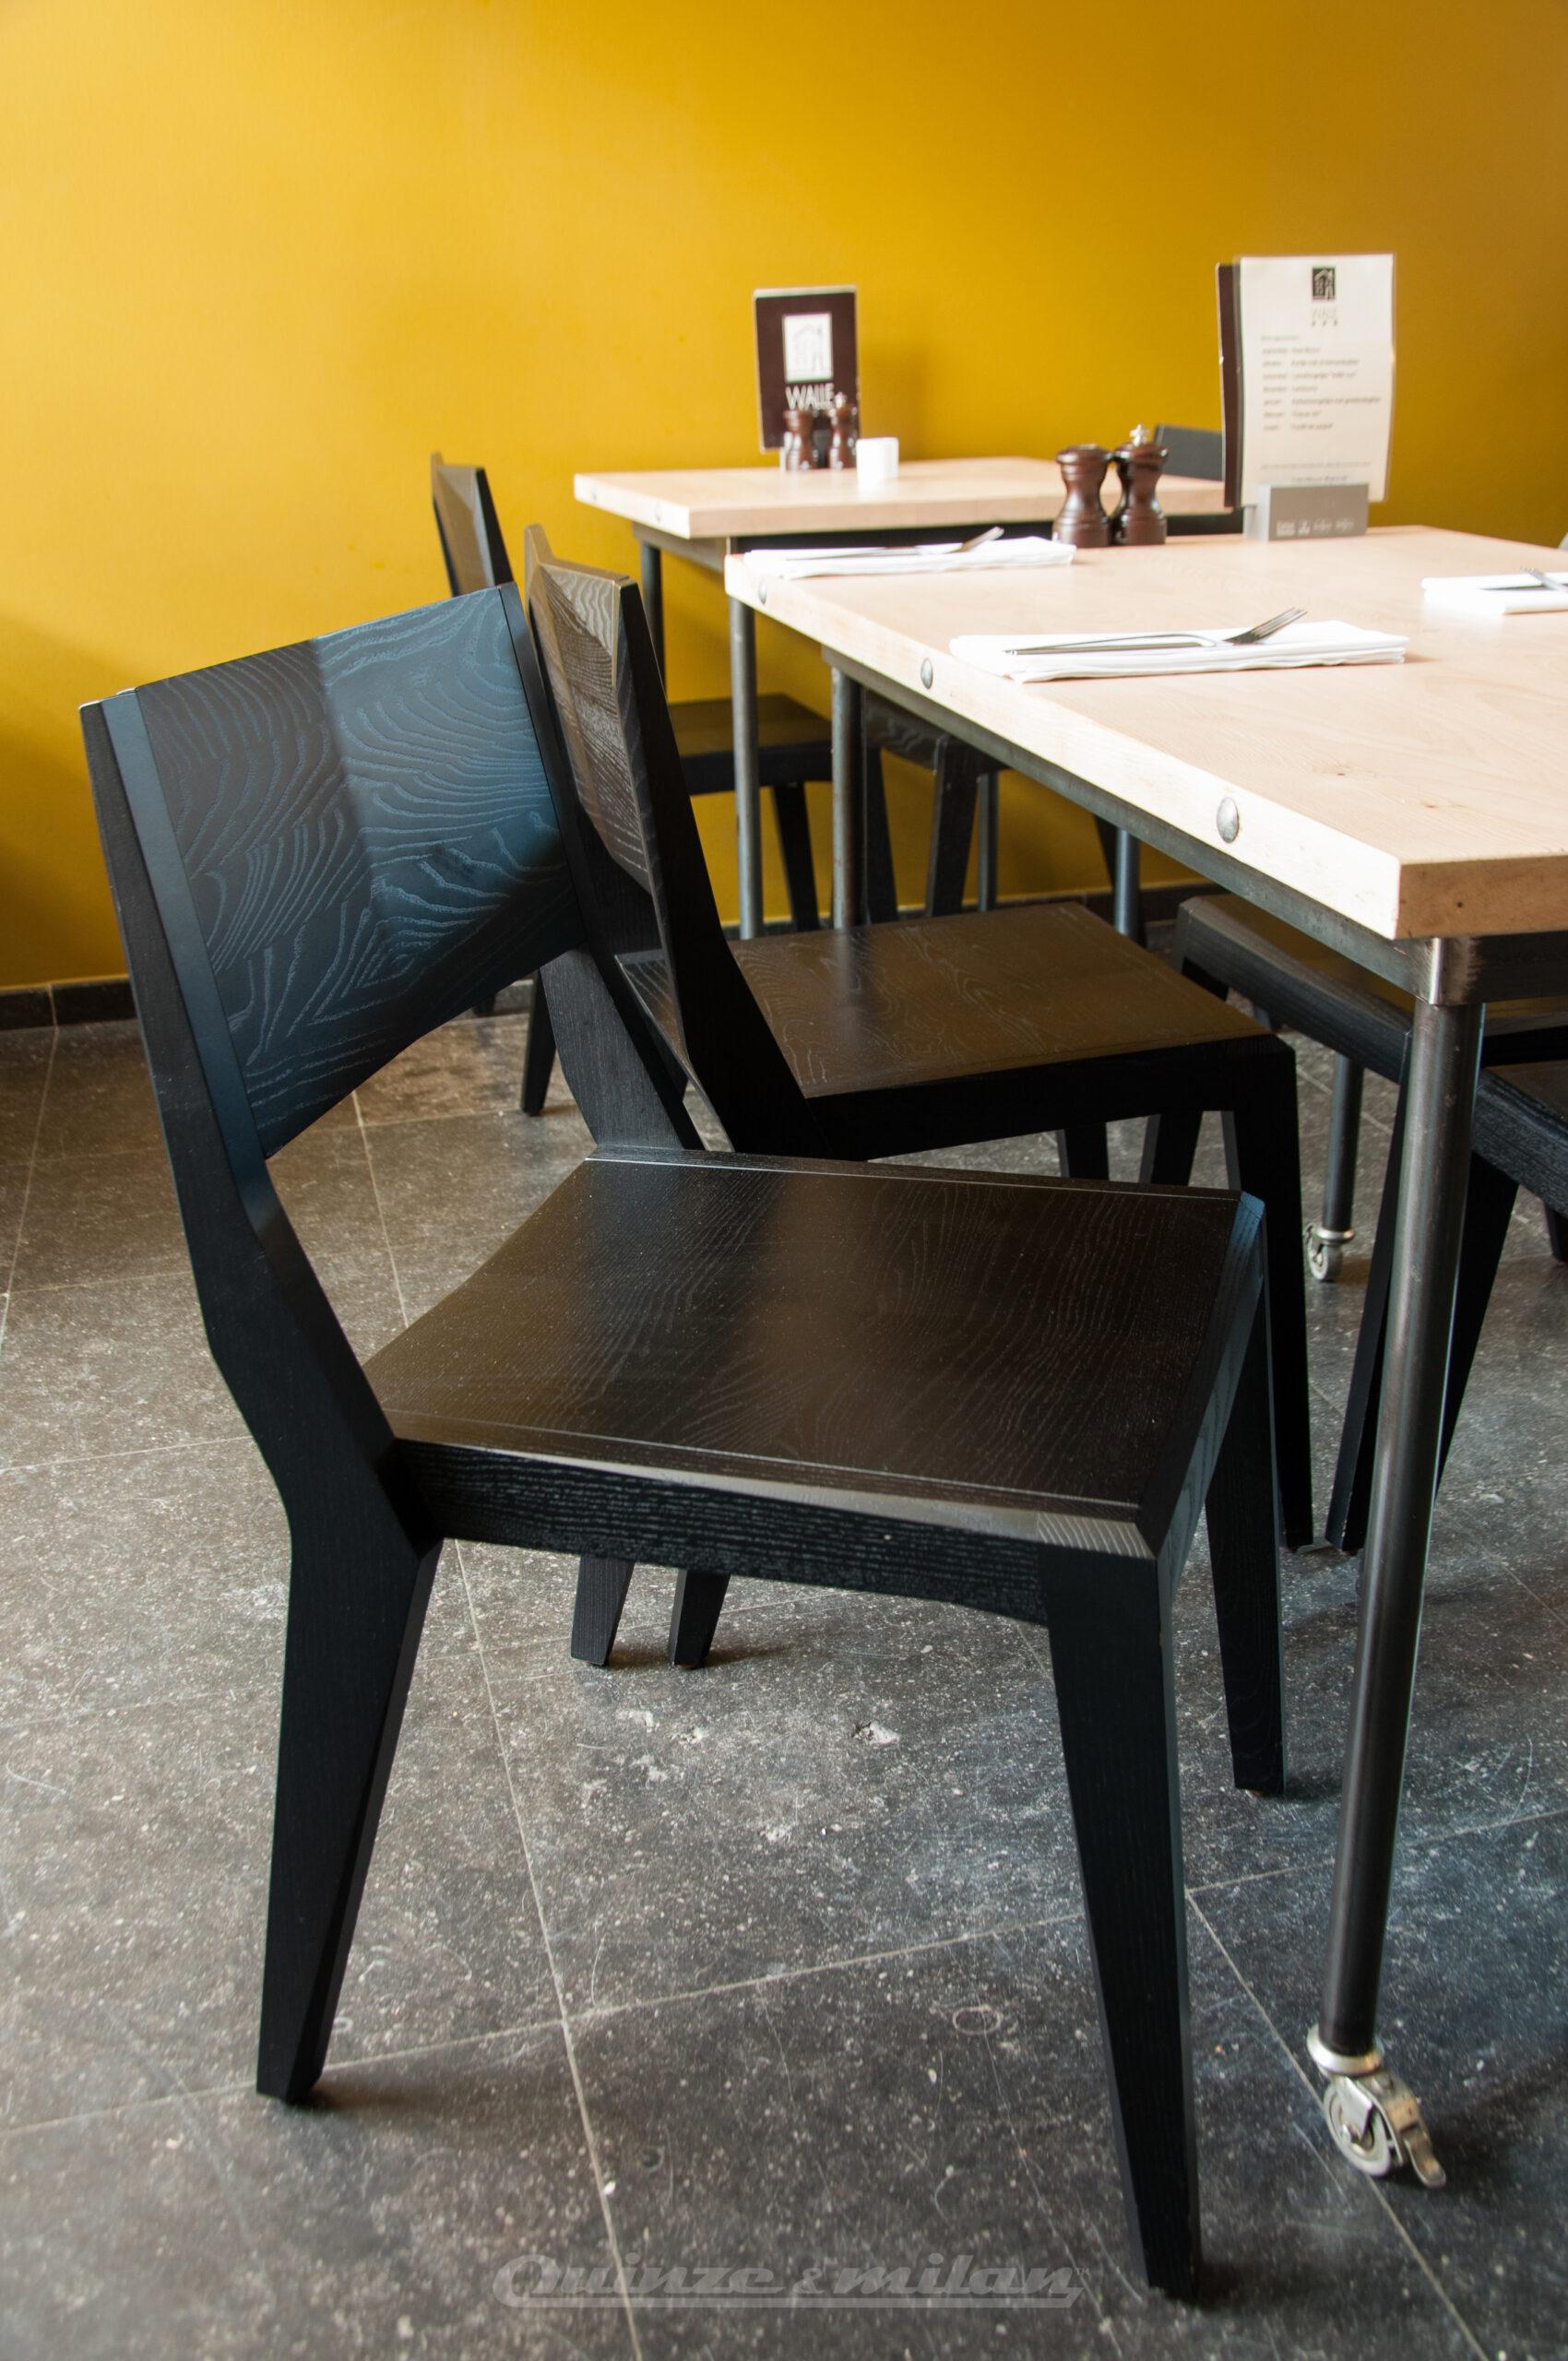 Walle 111 restaurant Kortrijk